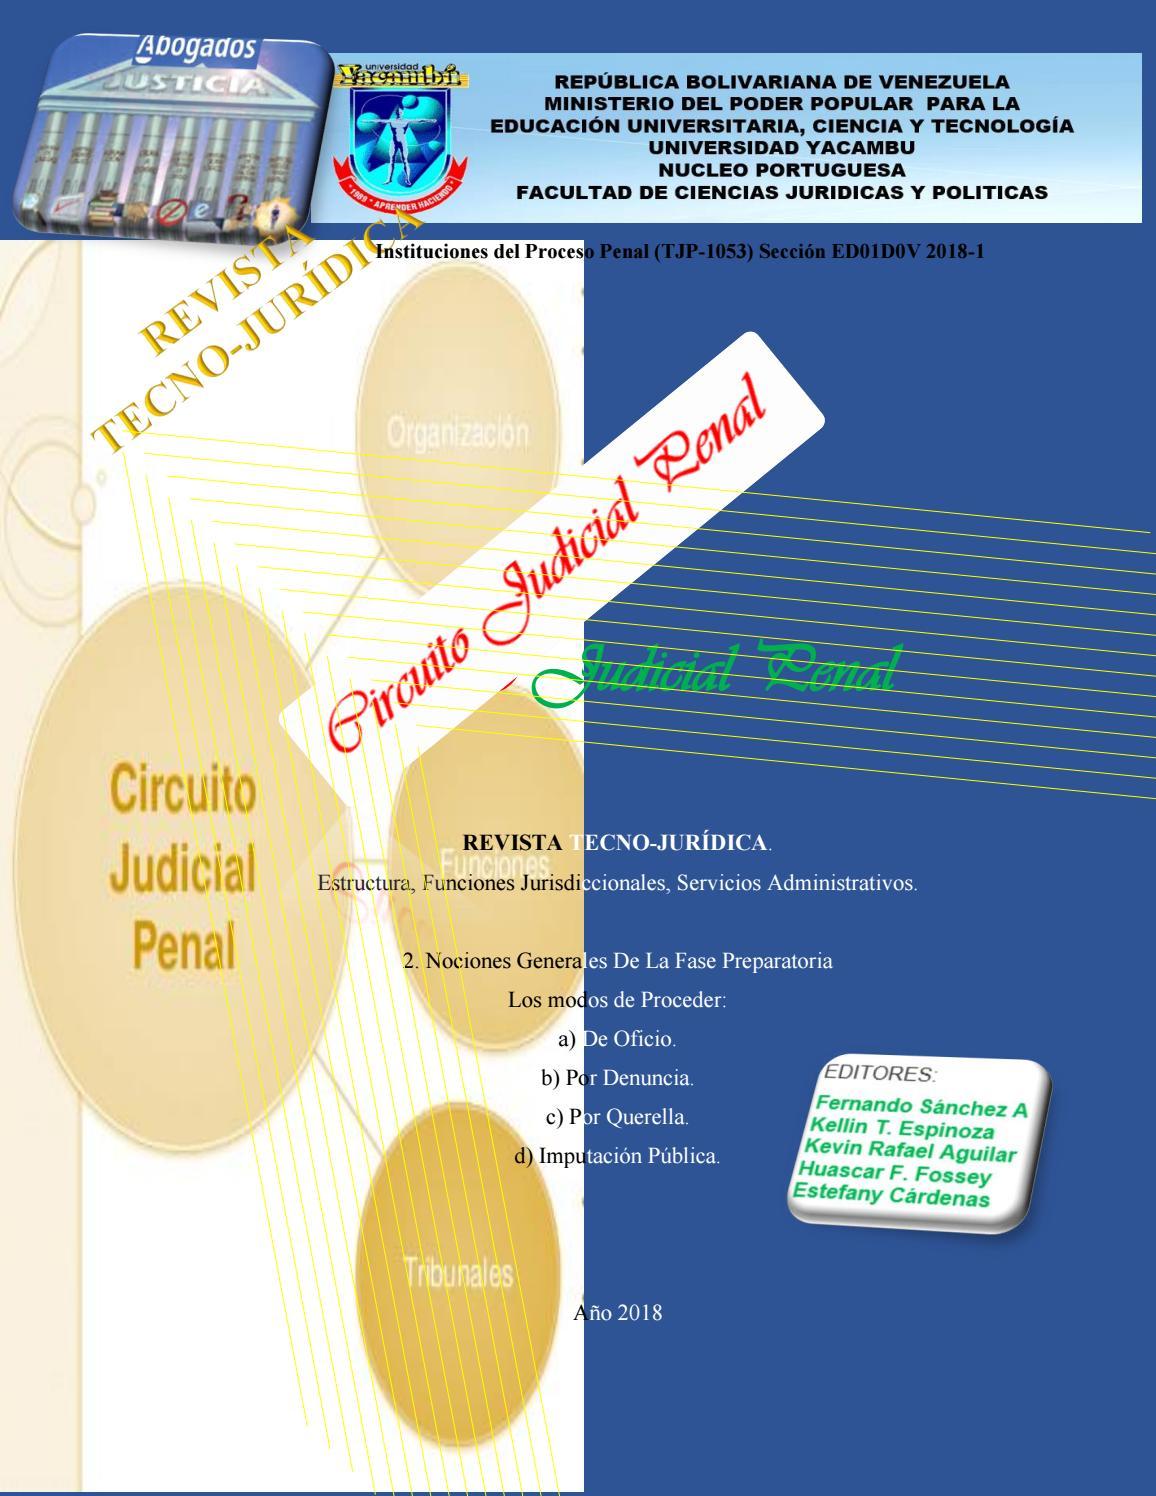 Circuito Judicial Penal : Revista tecno jurídica circuito judicial penal revista azul grupo